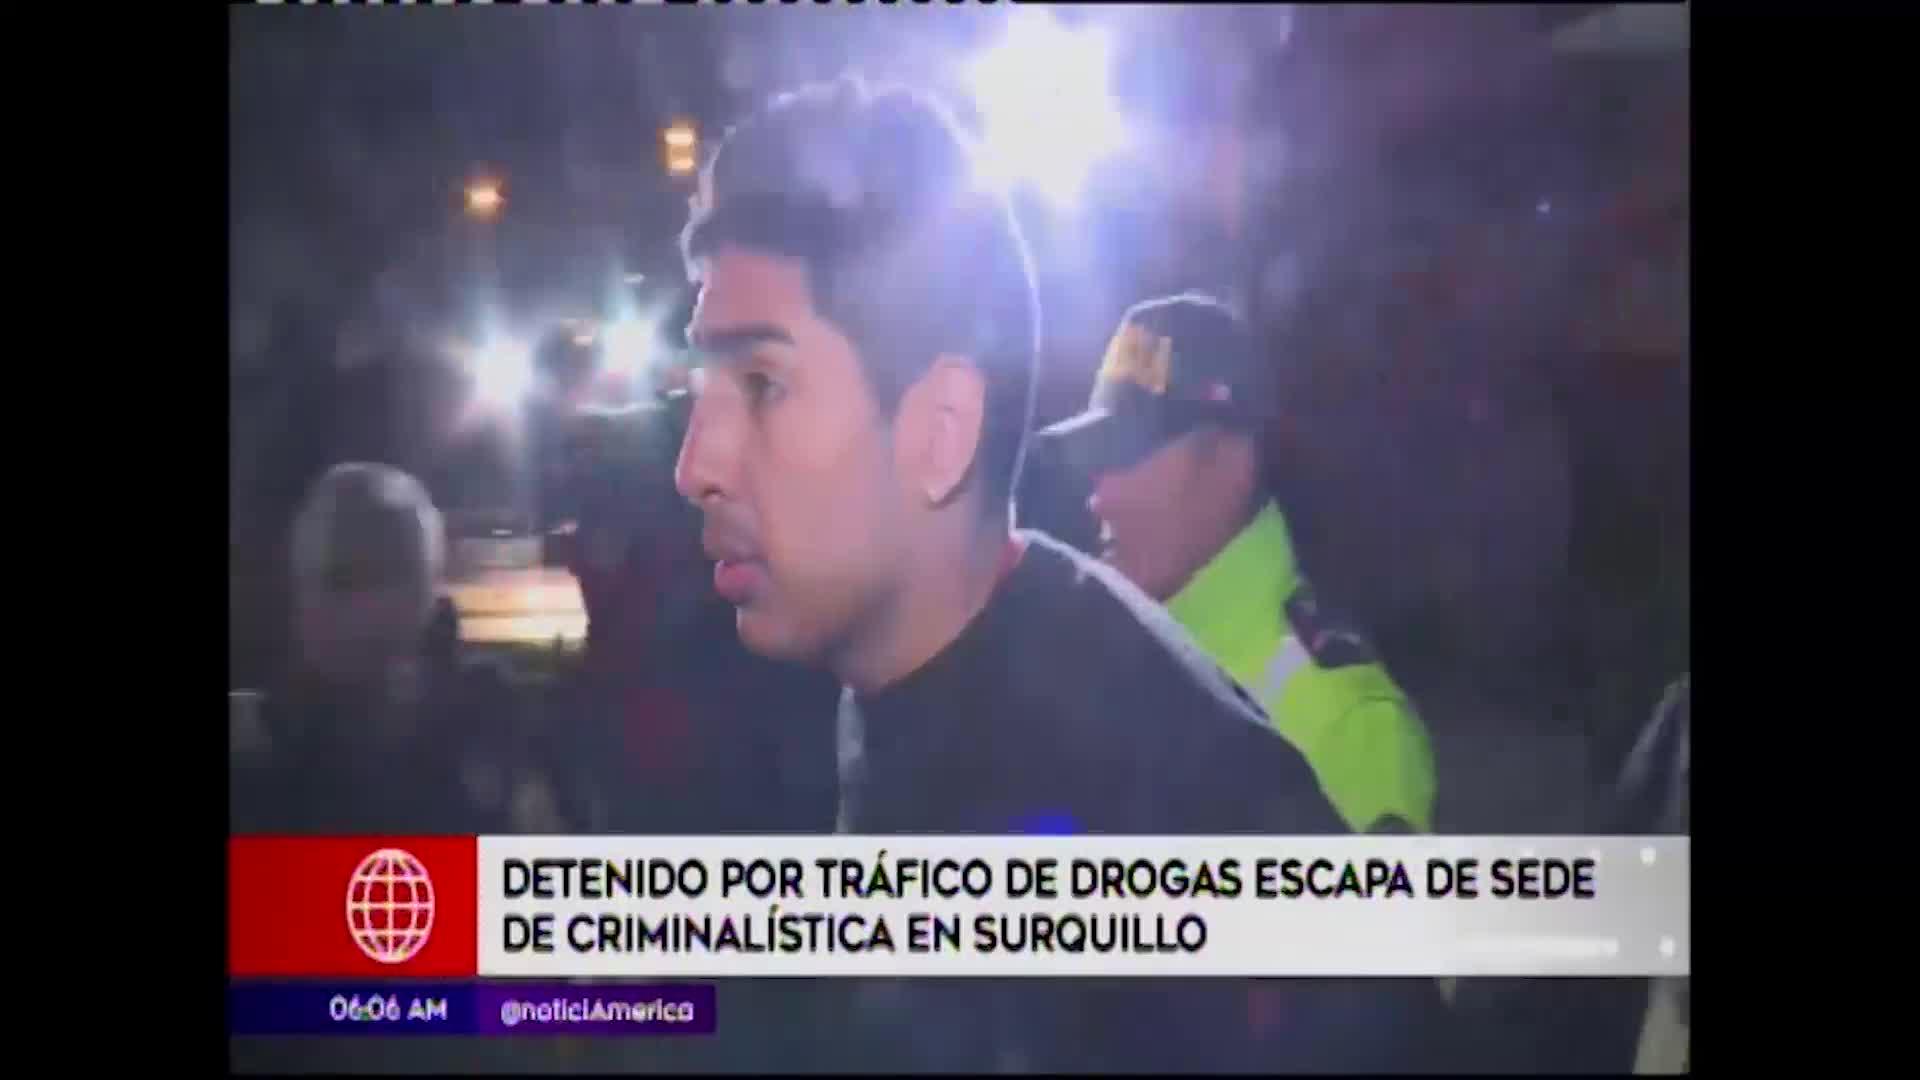 Surquillo: sujeto acusado de tráfico de drogas escapa de sede policial